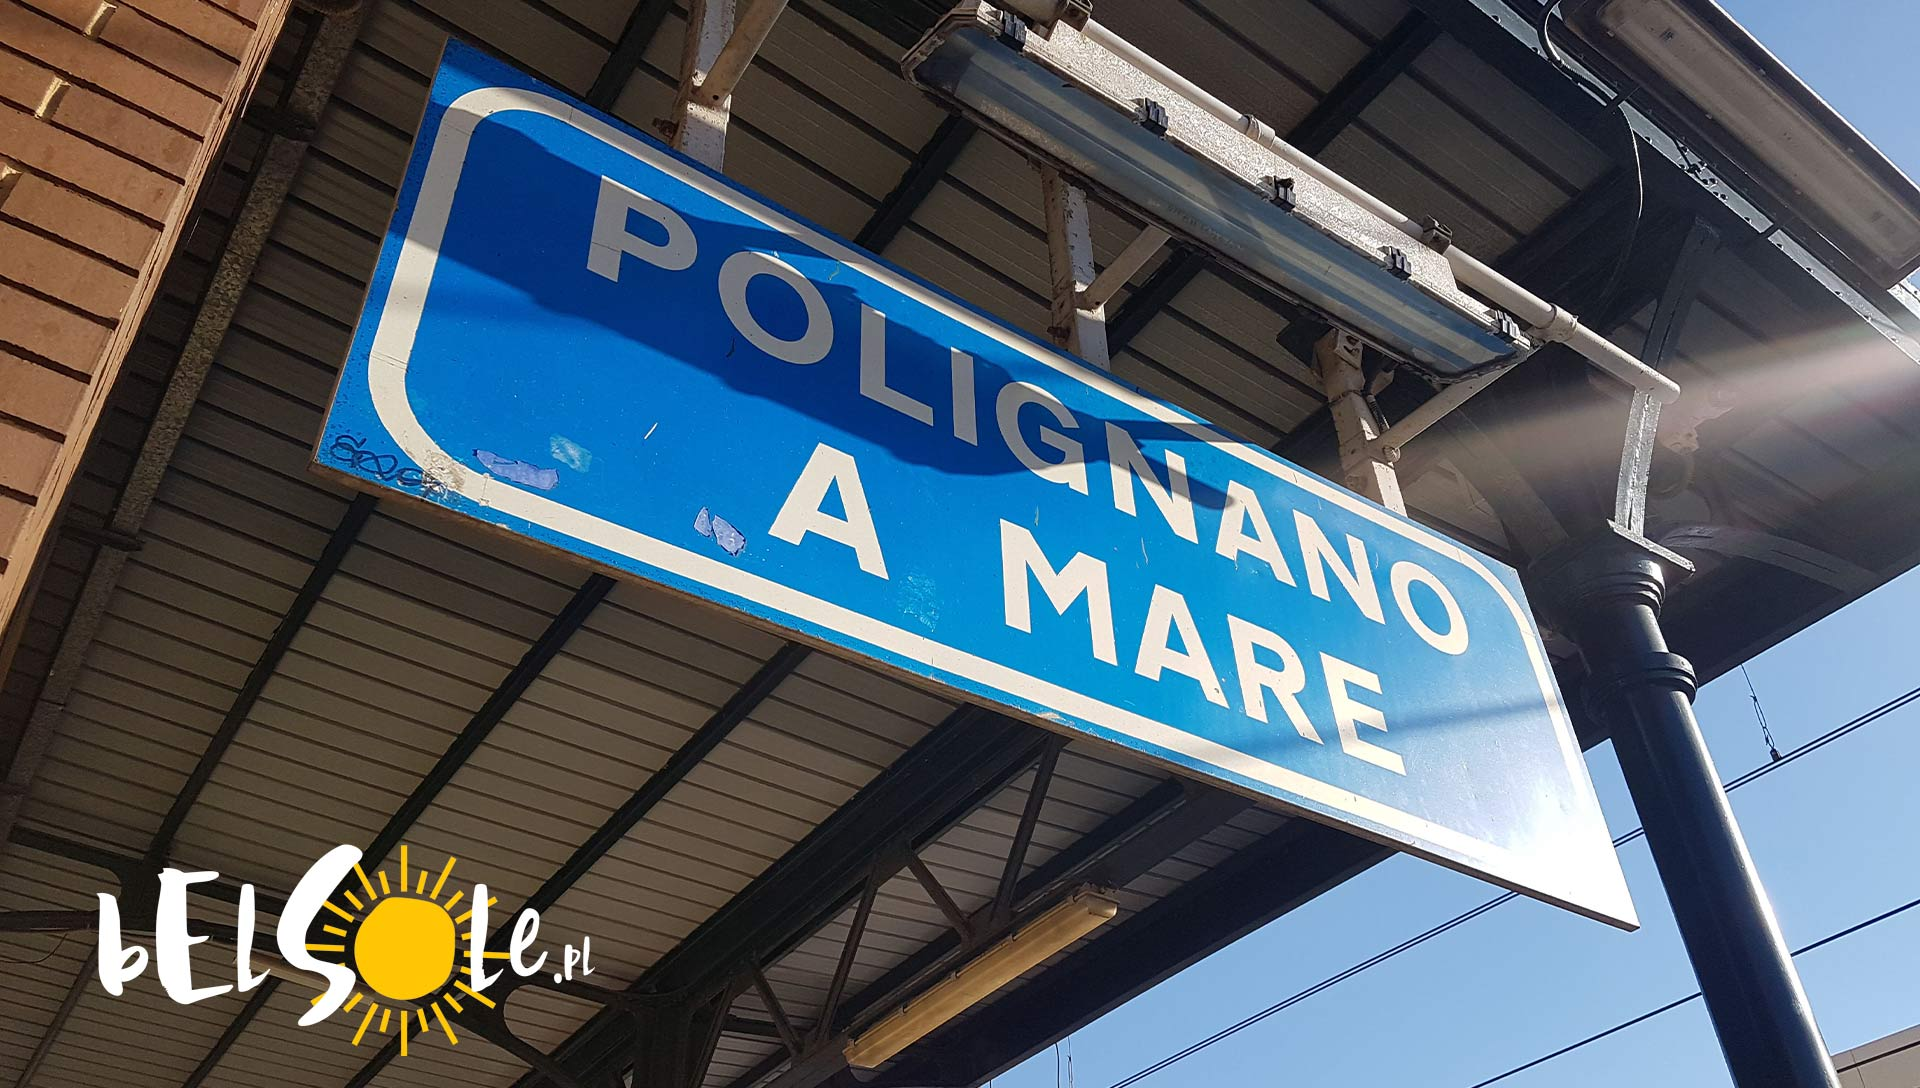 Dojazd do Polignano a Mare